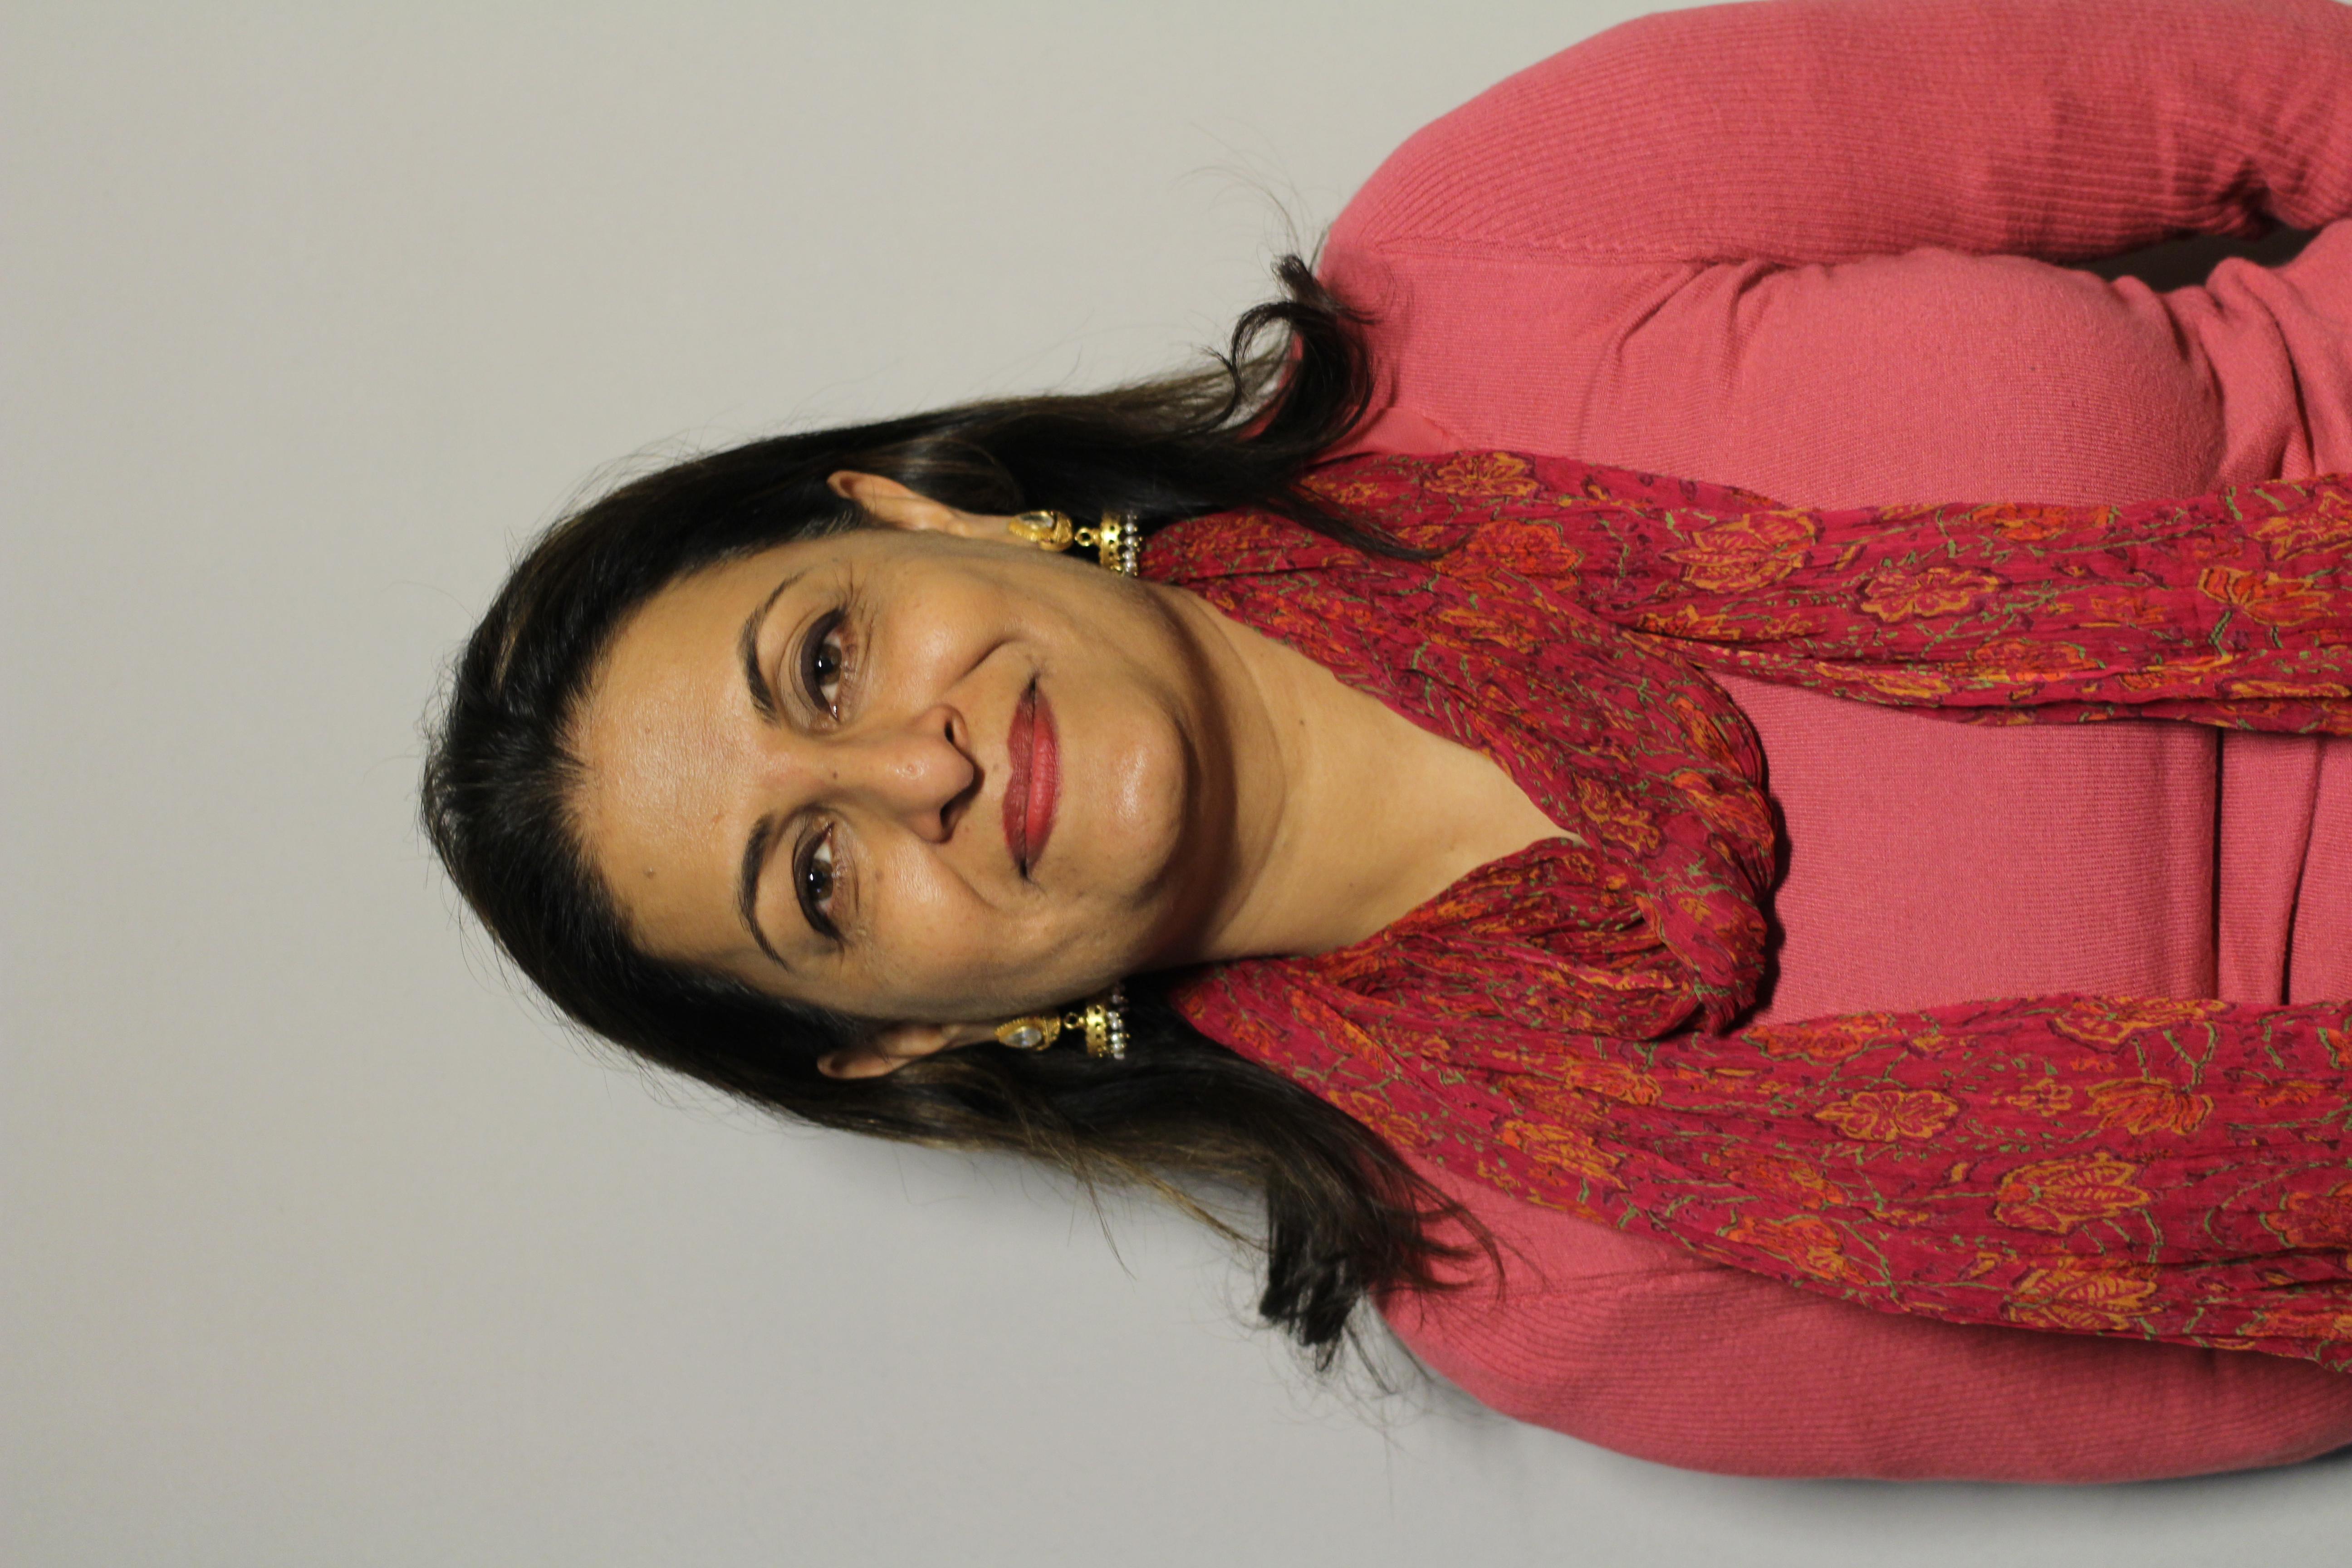 Reena Kapoor and Anurag Wadehra